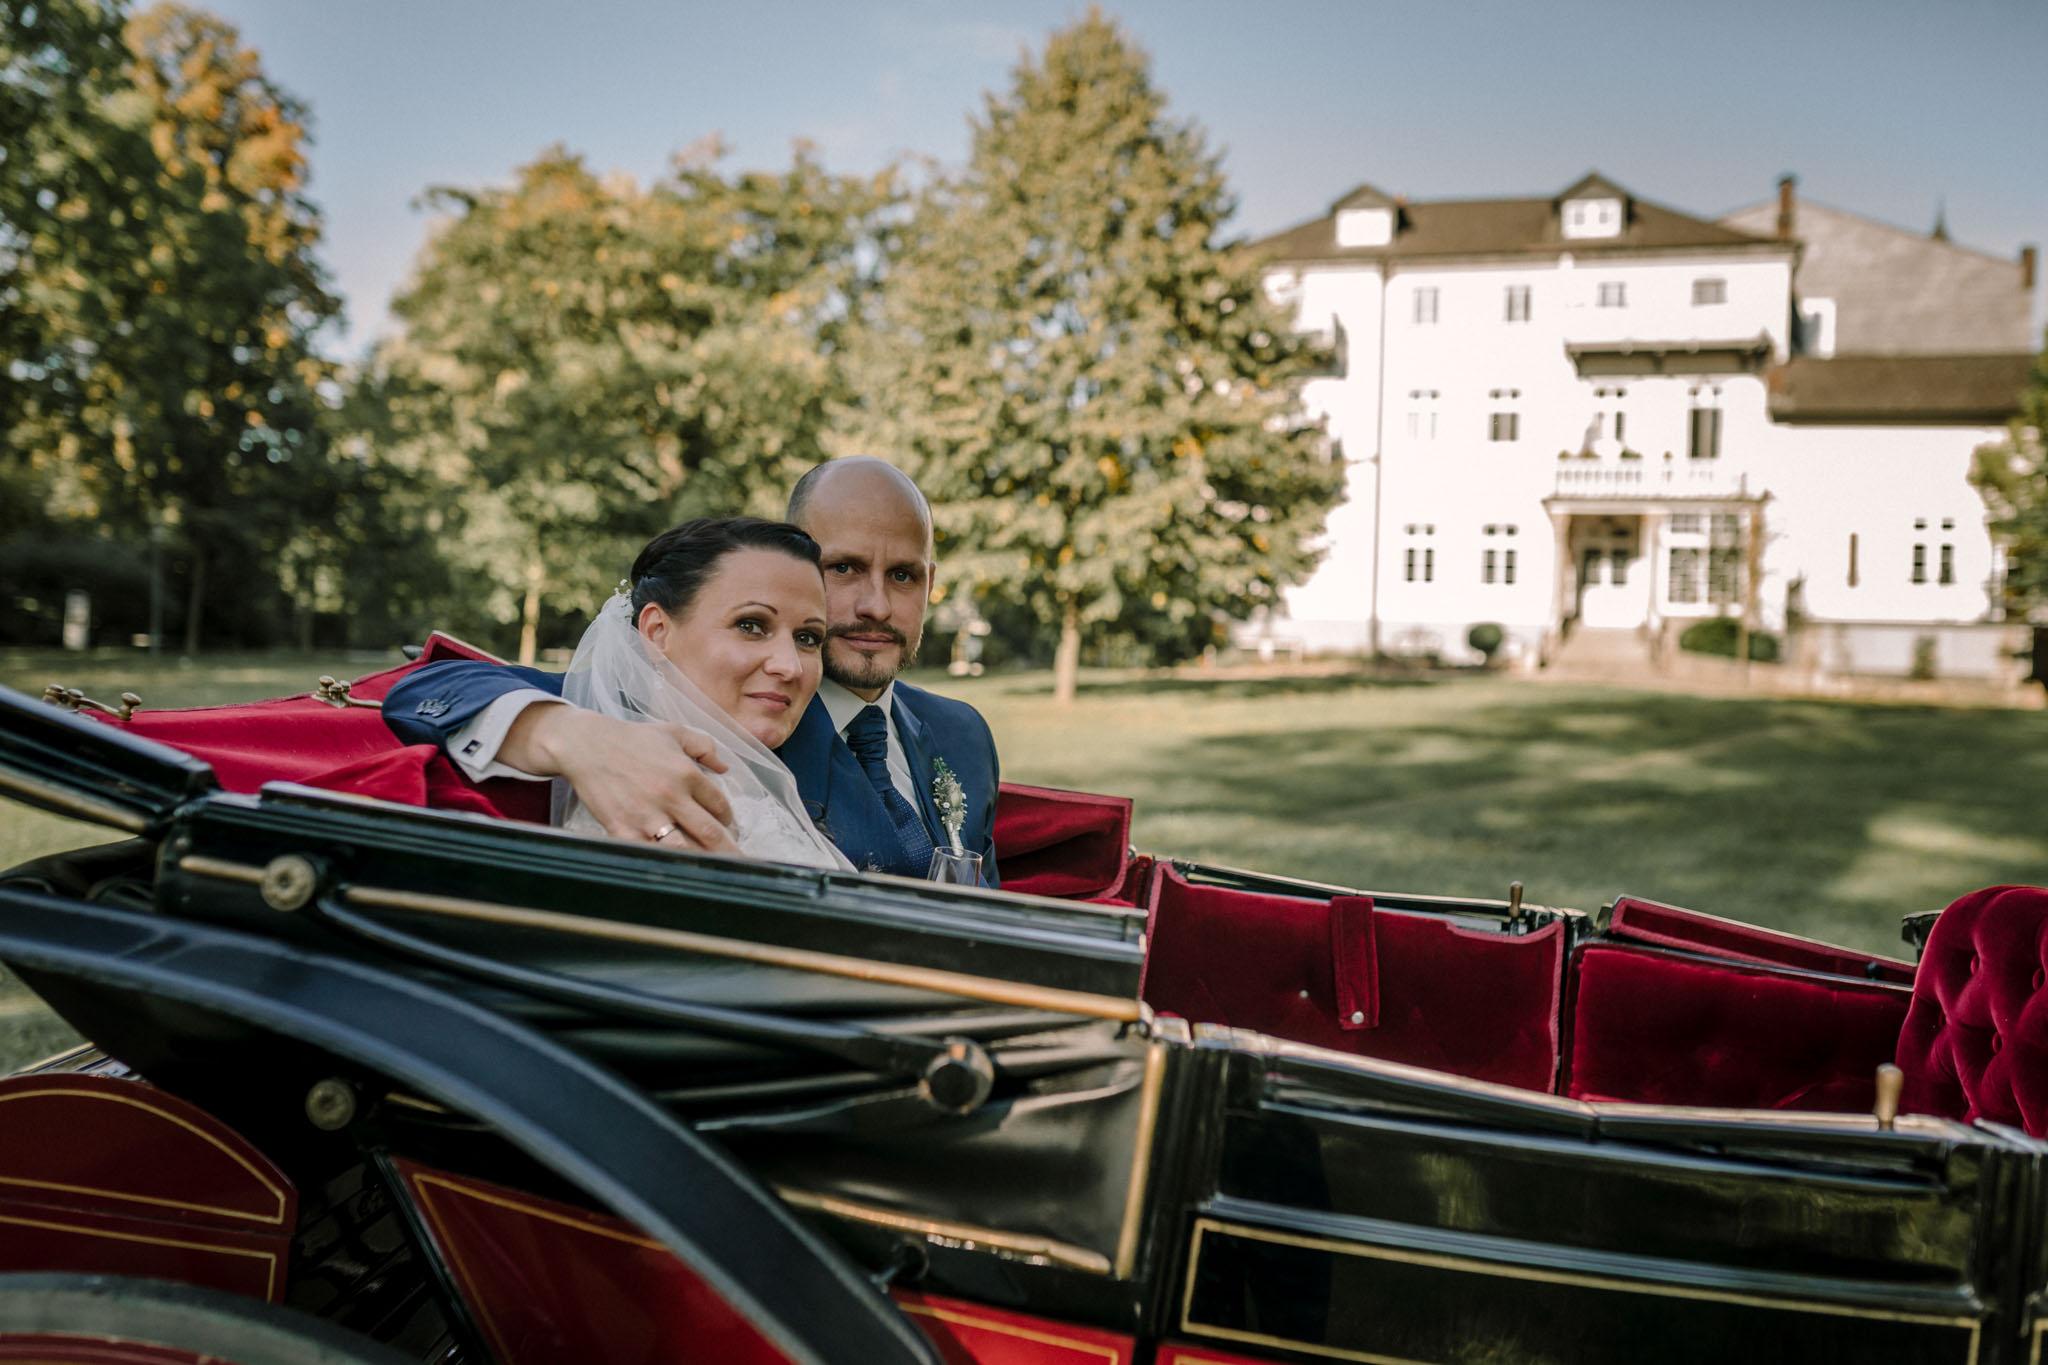 Hochzeitsfieber by Photo-Schomburg, Hochzeitsfotograf, Hamburg,Hochzeitstag, Hochzeitspaar, Braut, Bräutigam, Literaturhauscafe Zarrentin-96